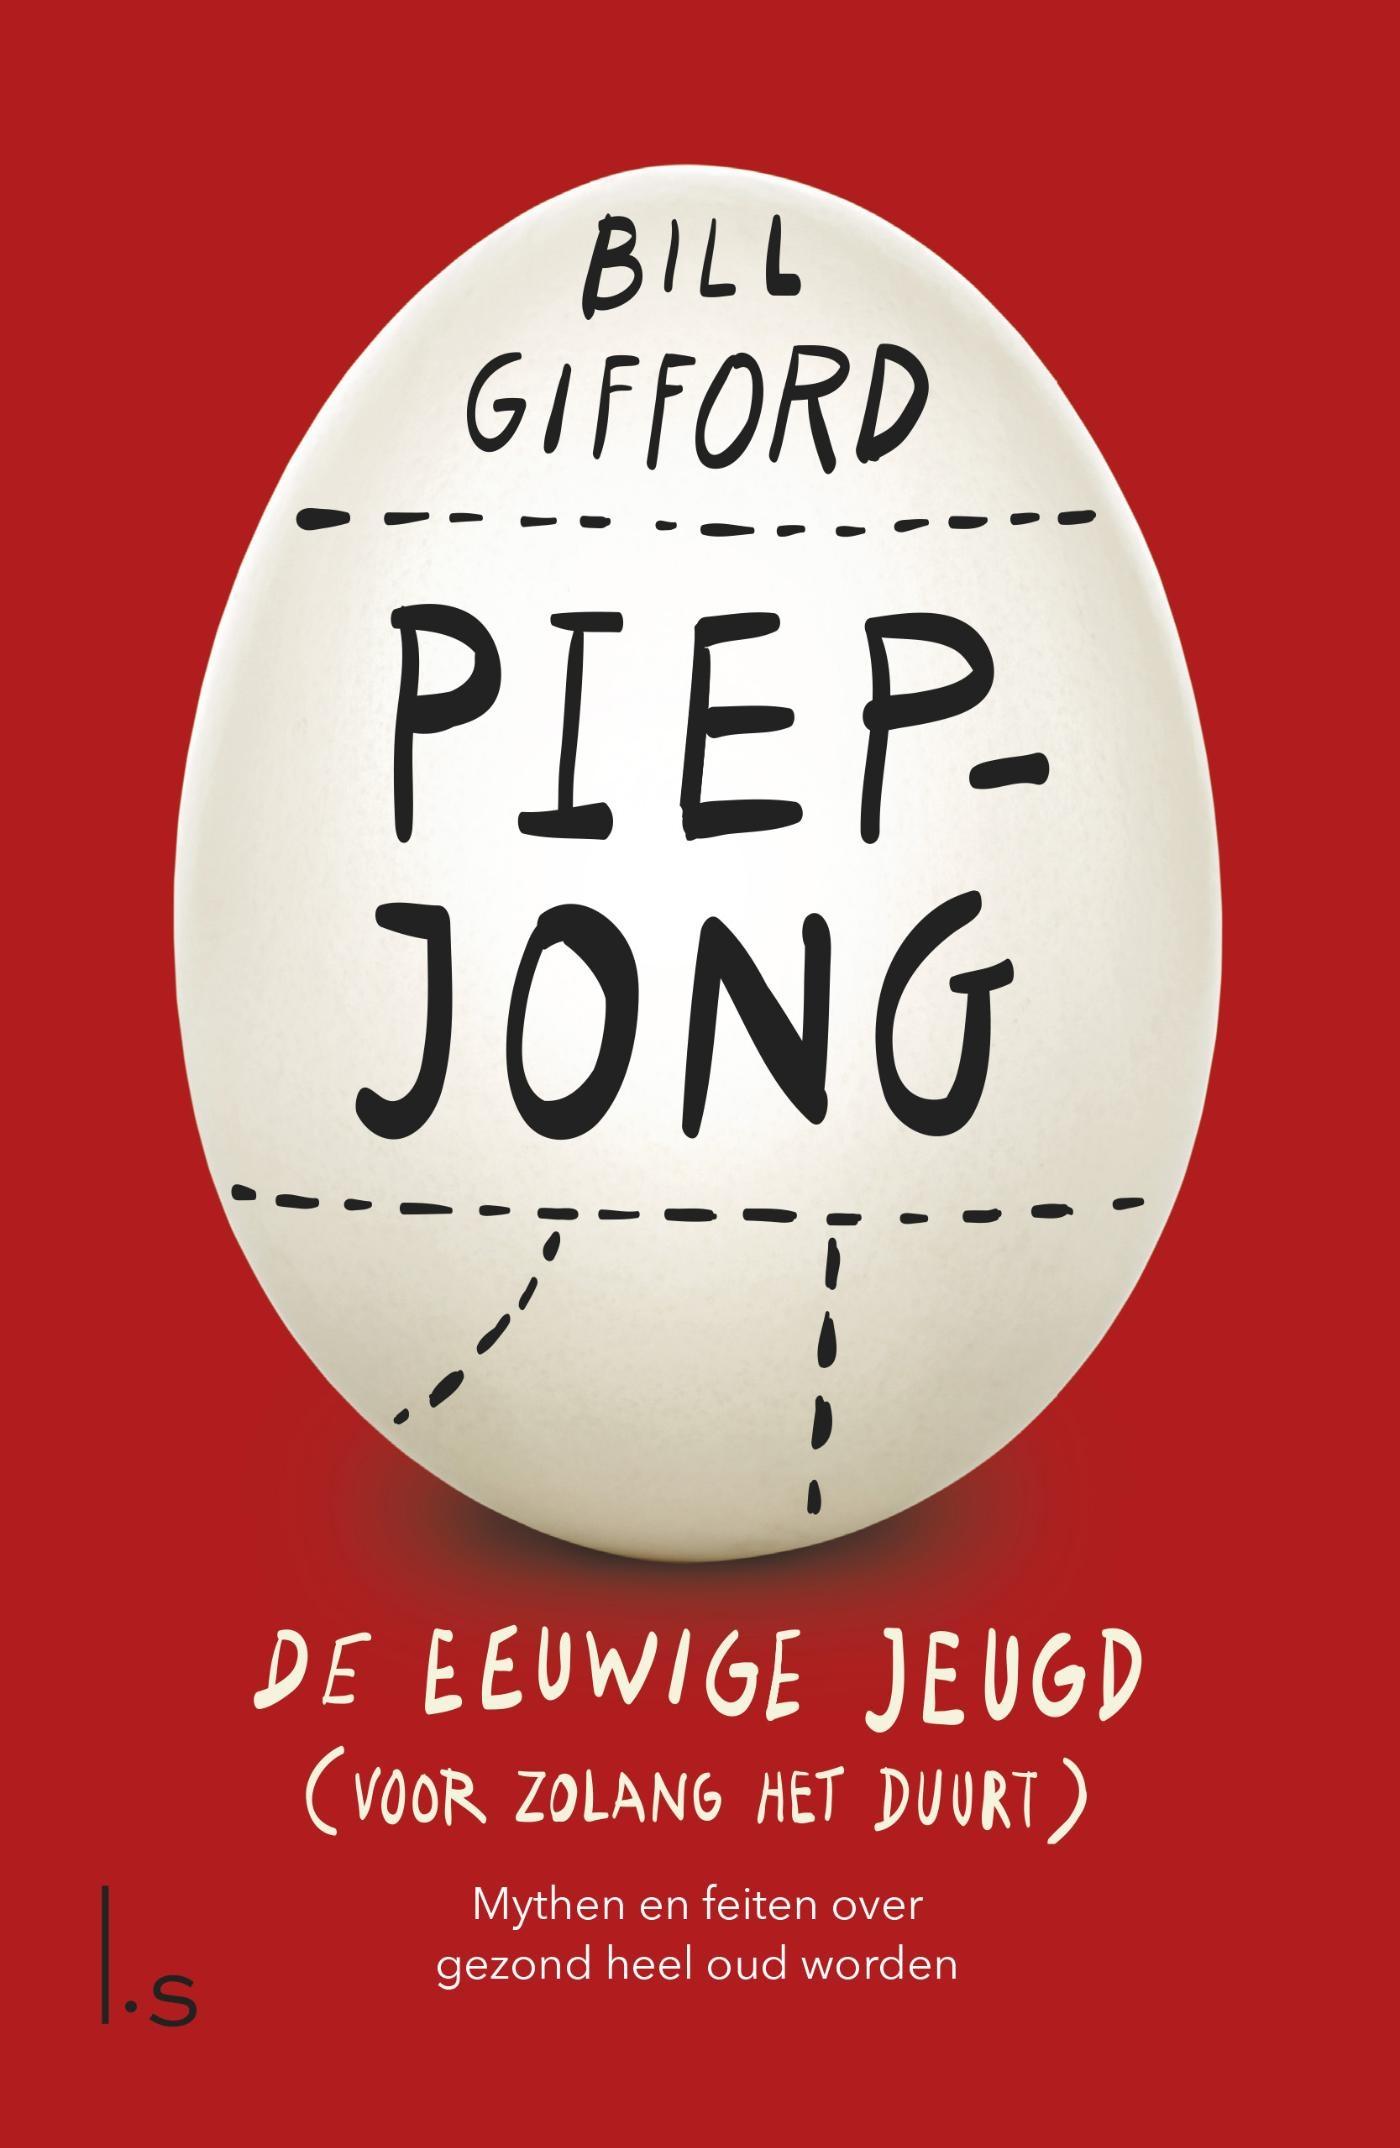 Piepjong – Bill Gifford